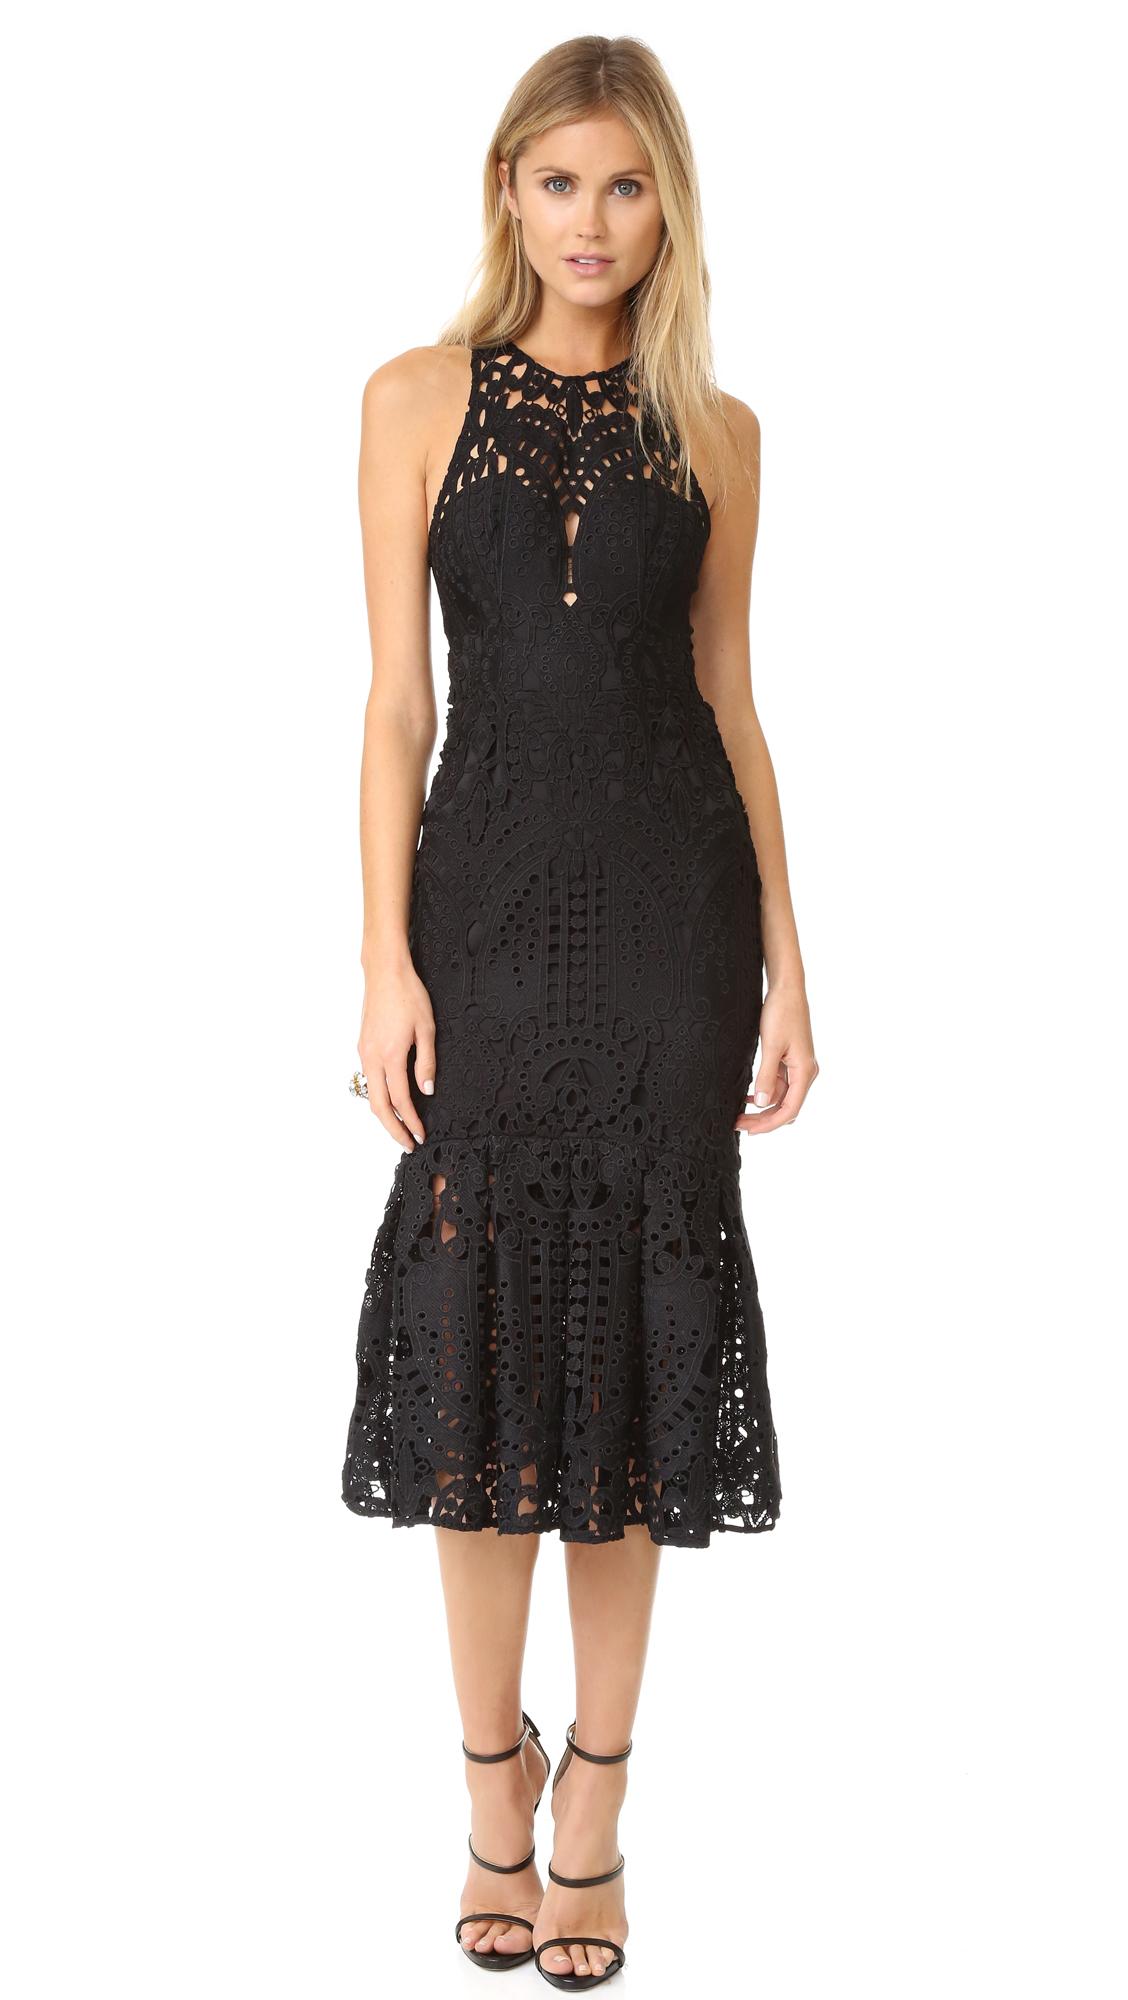 Lover Harmony Cutout Midi Dress - Black